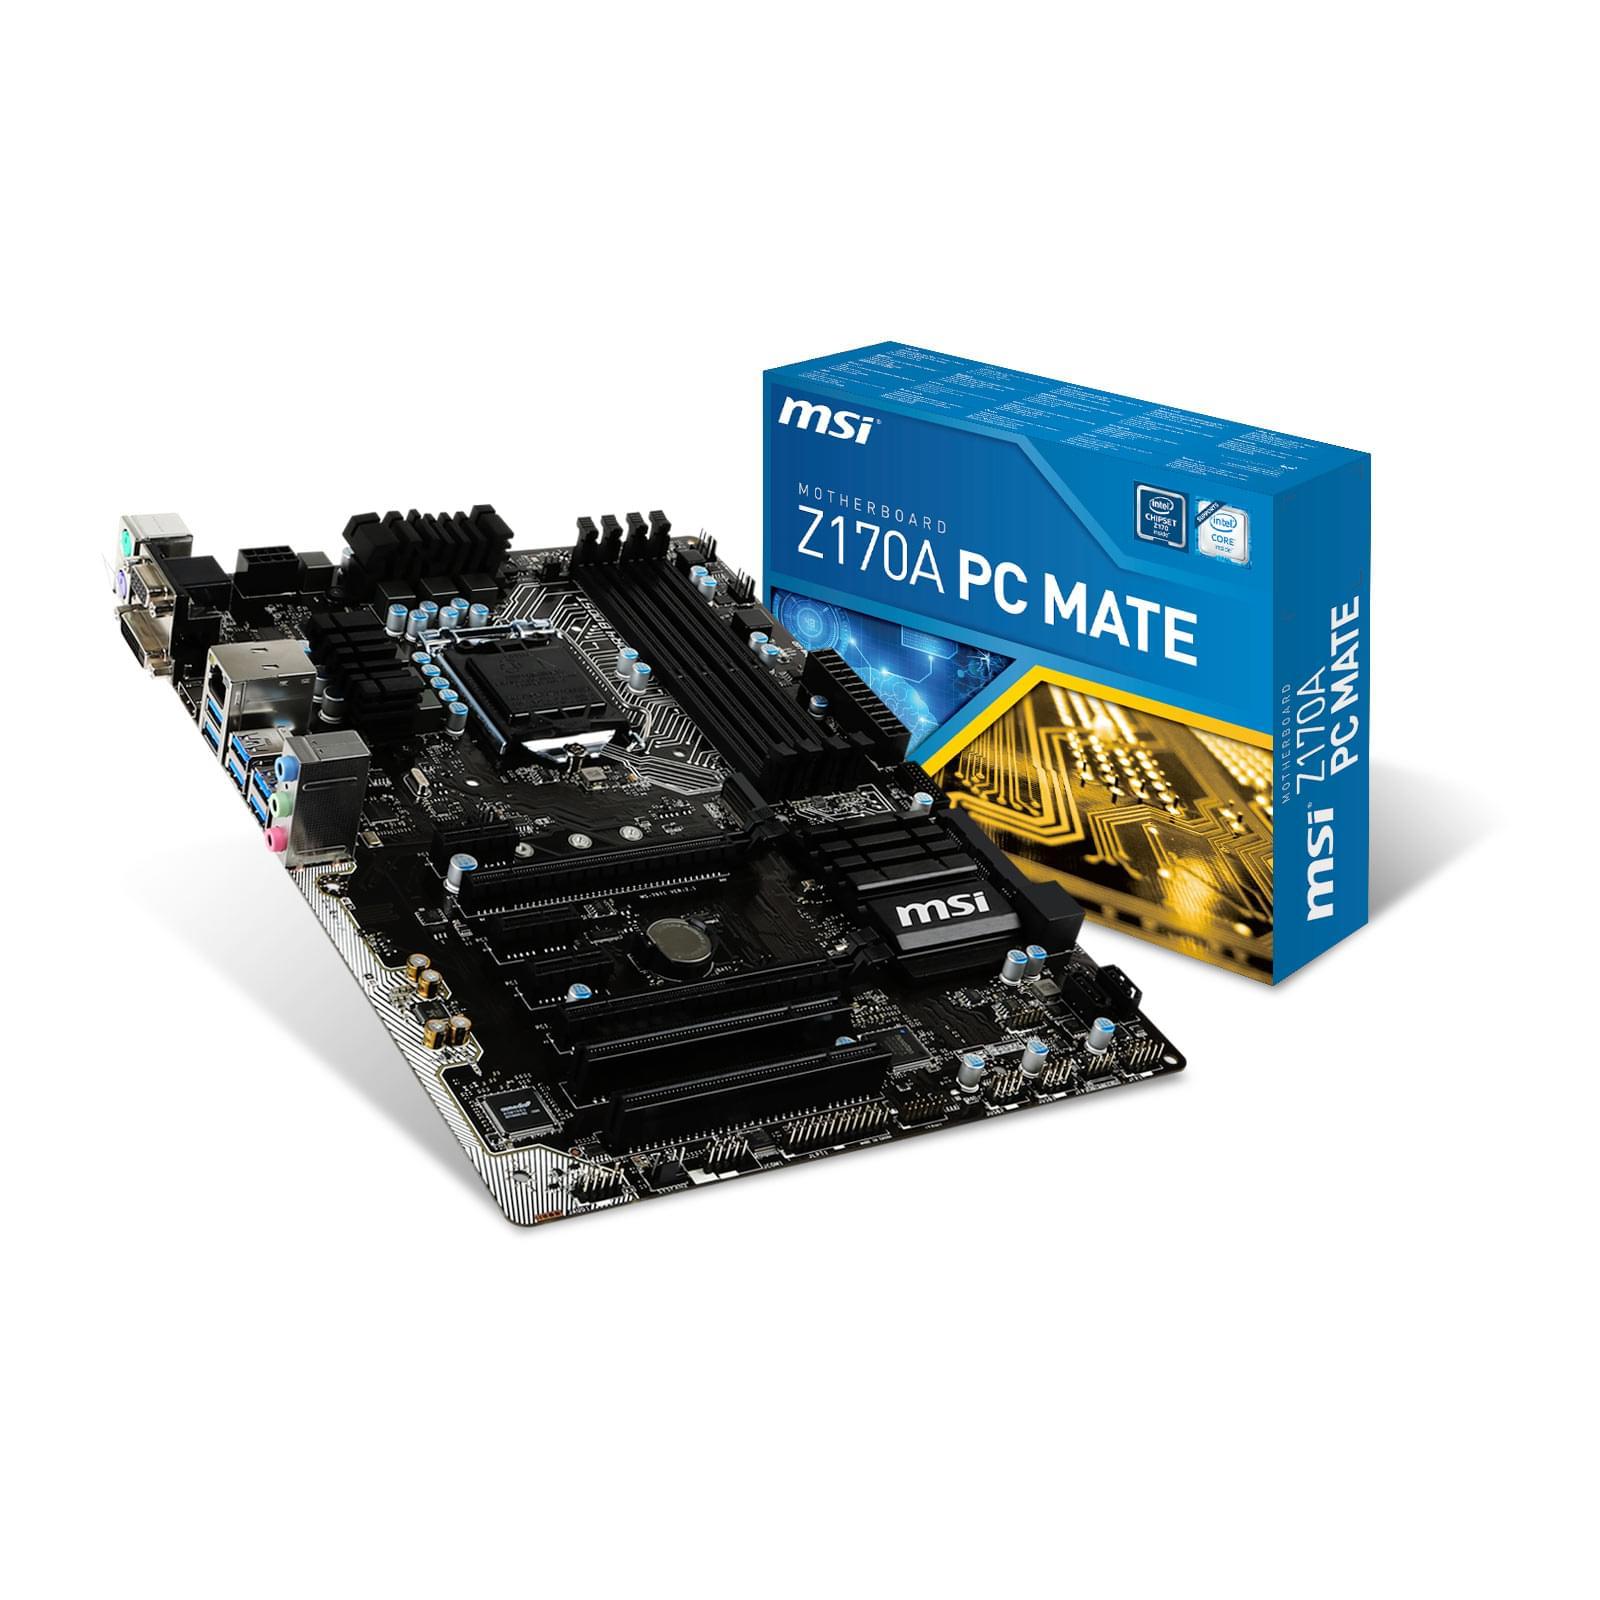 MSI Z170A PC MATE ATX DDR4 - Carte mère MSI - Cybertek.fr - 0